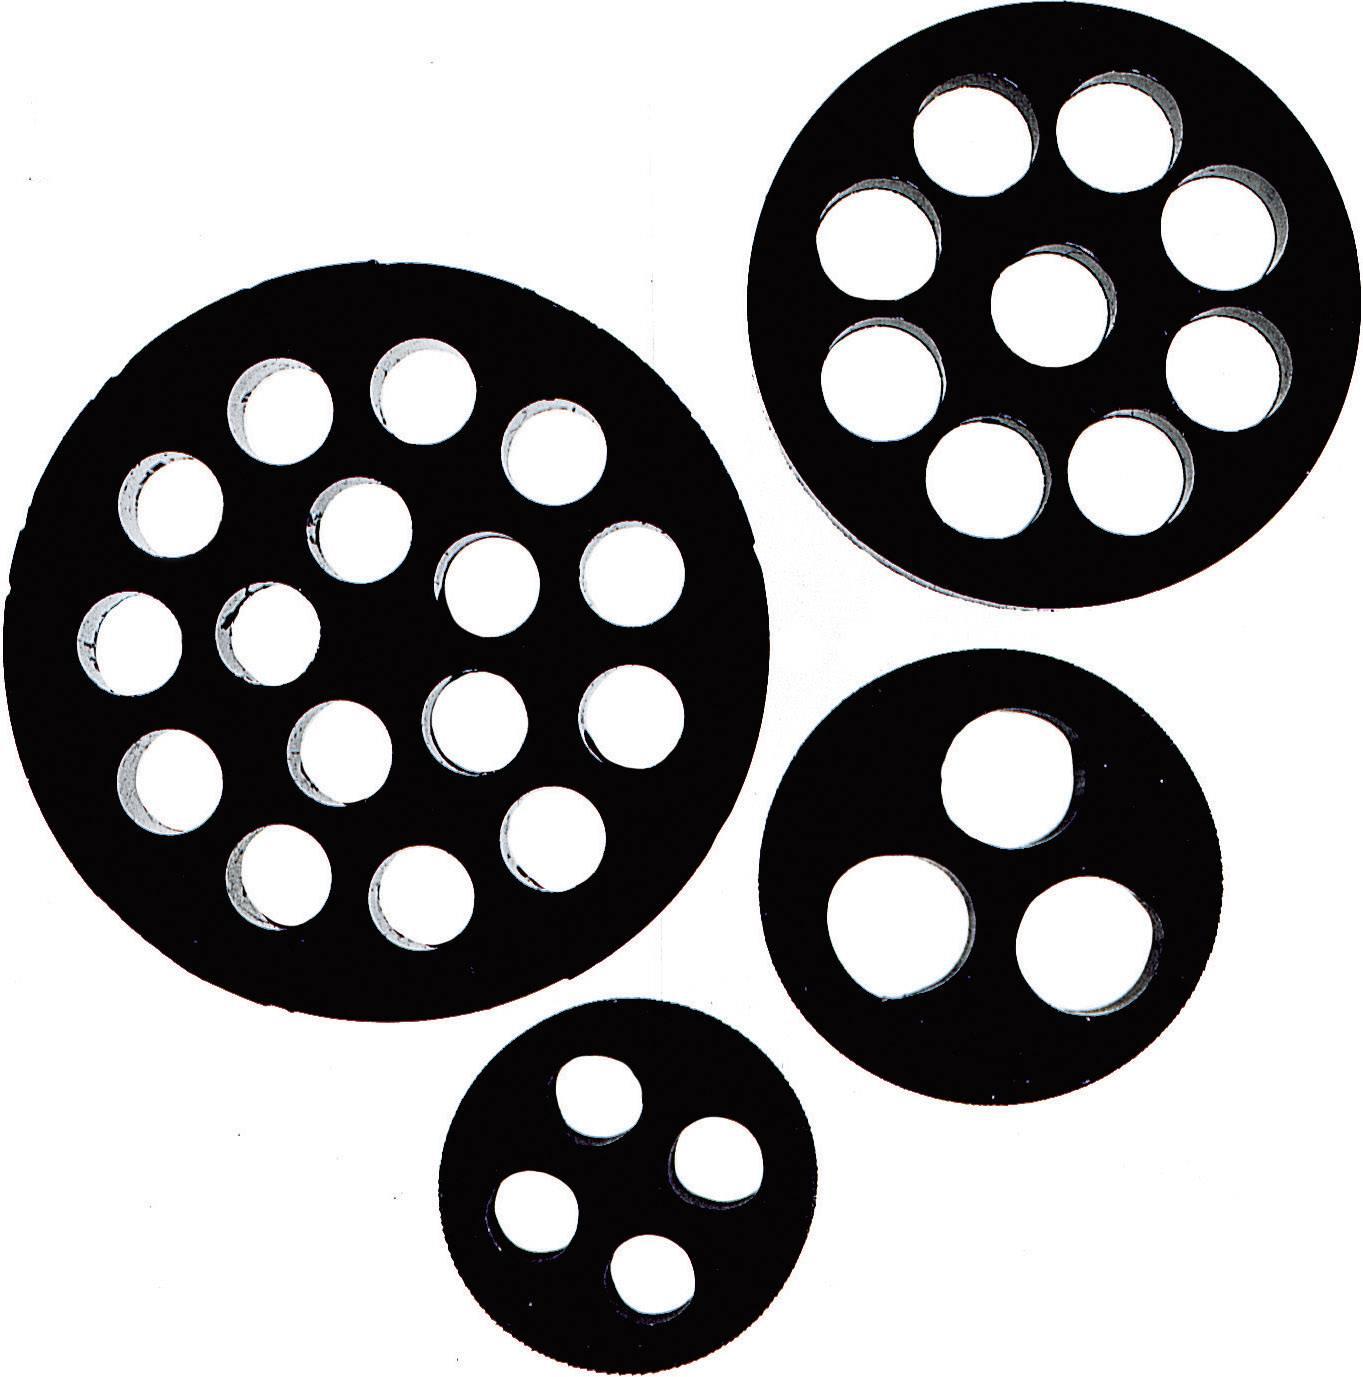 Těsnicí vložka M25 LappKabel DIX-M25 (53325370), IP54, M25, nitril kaučuk, černá